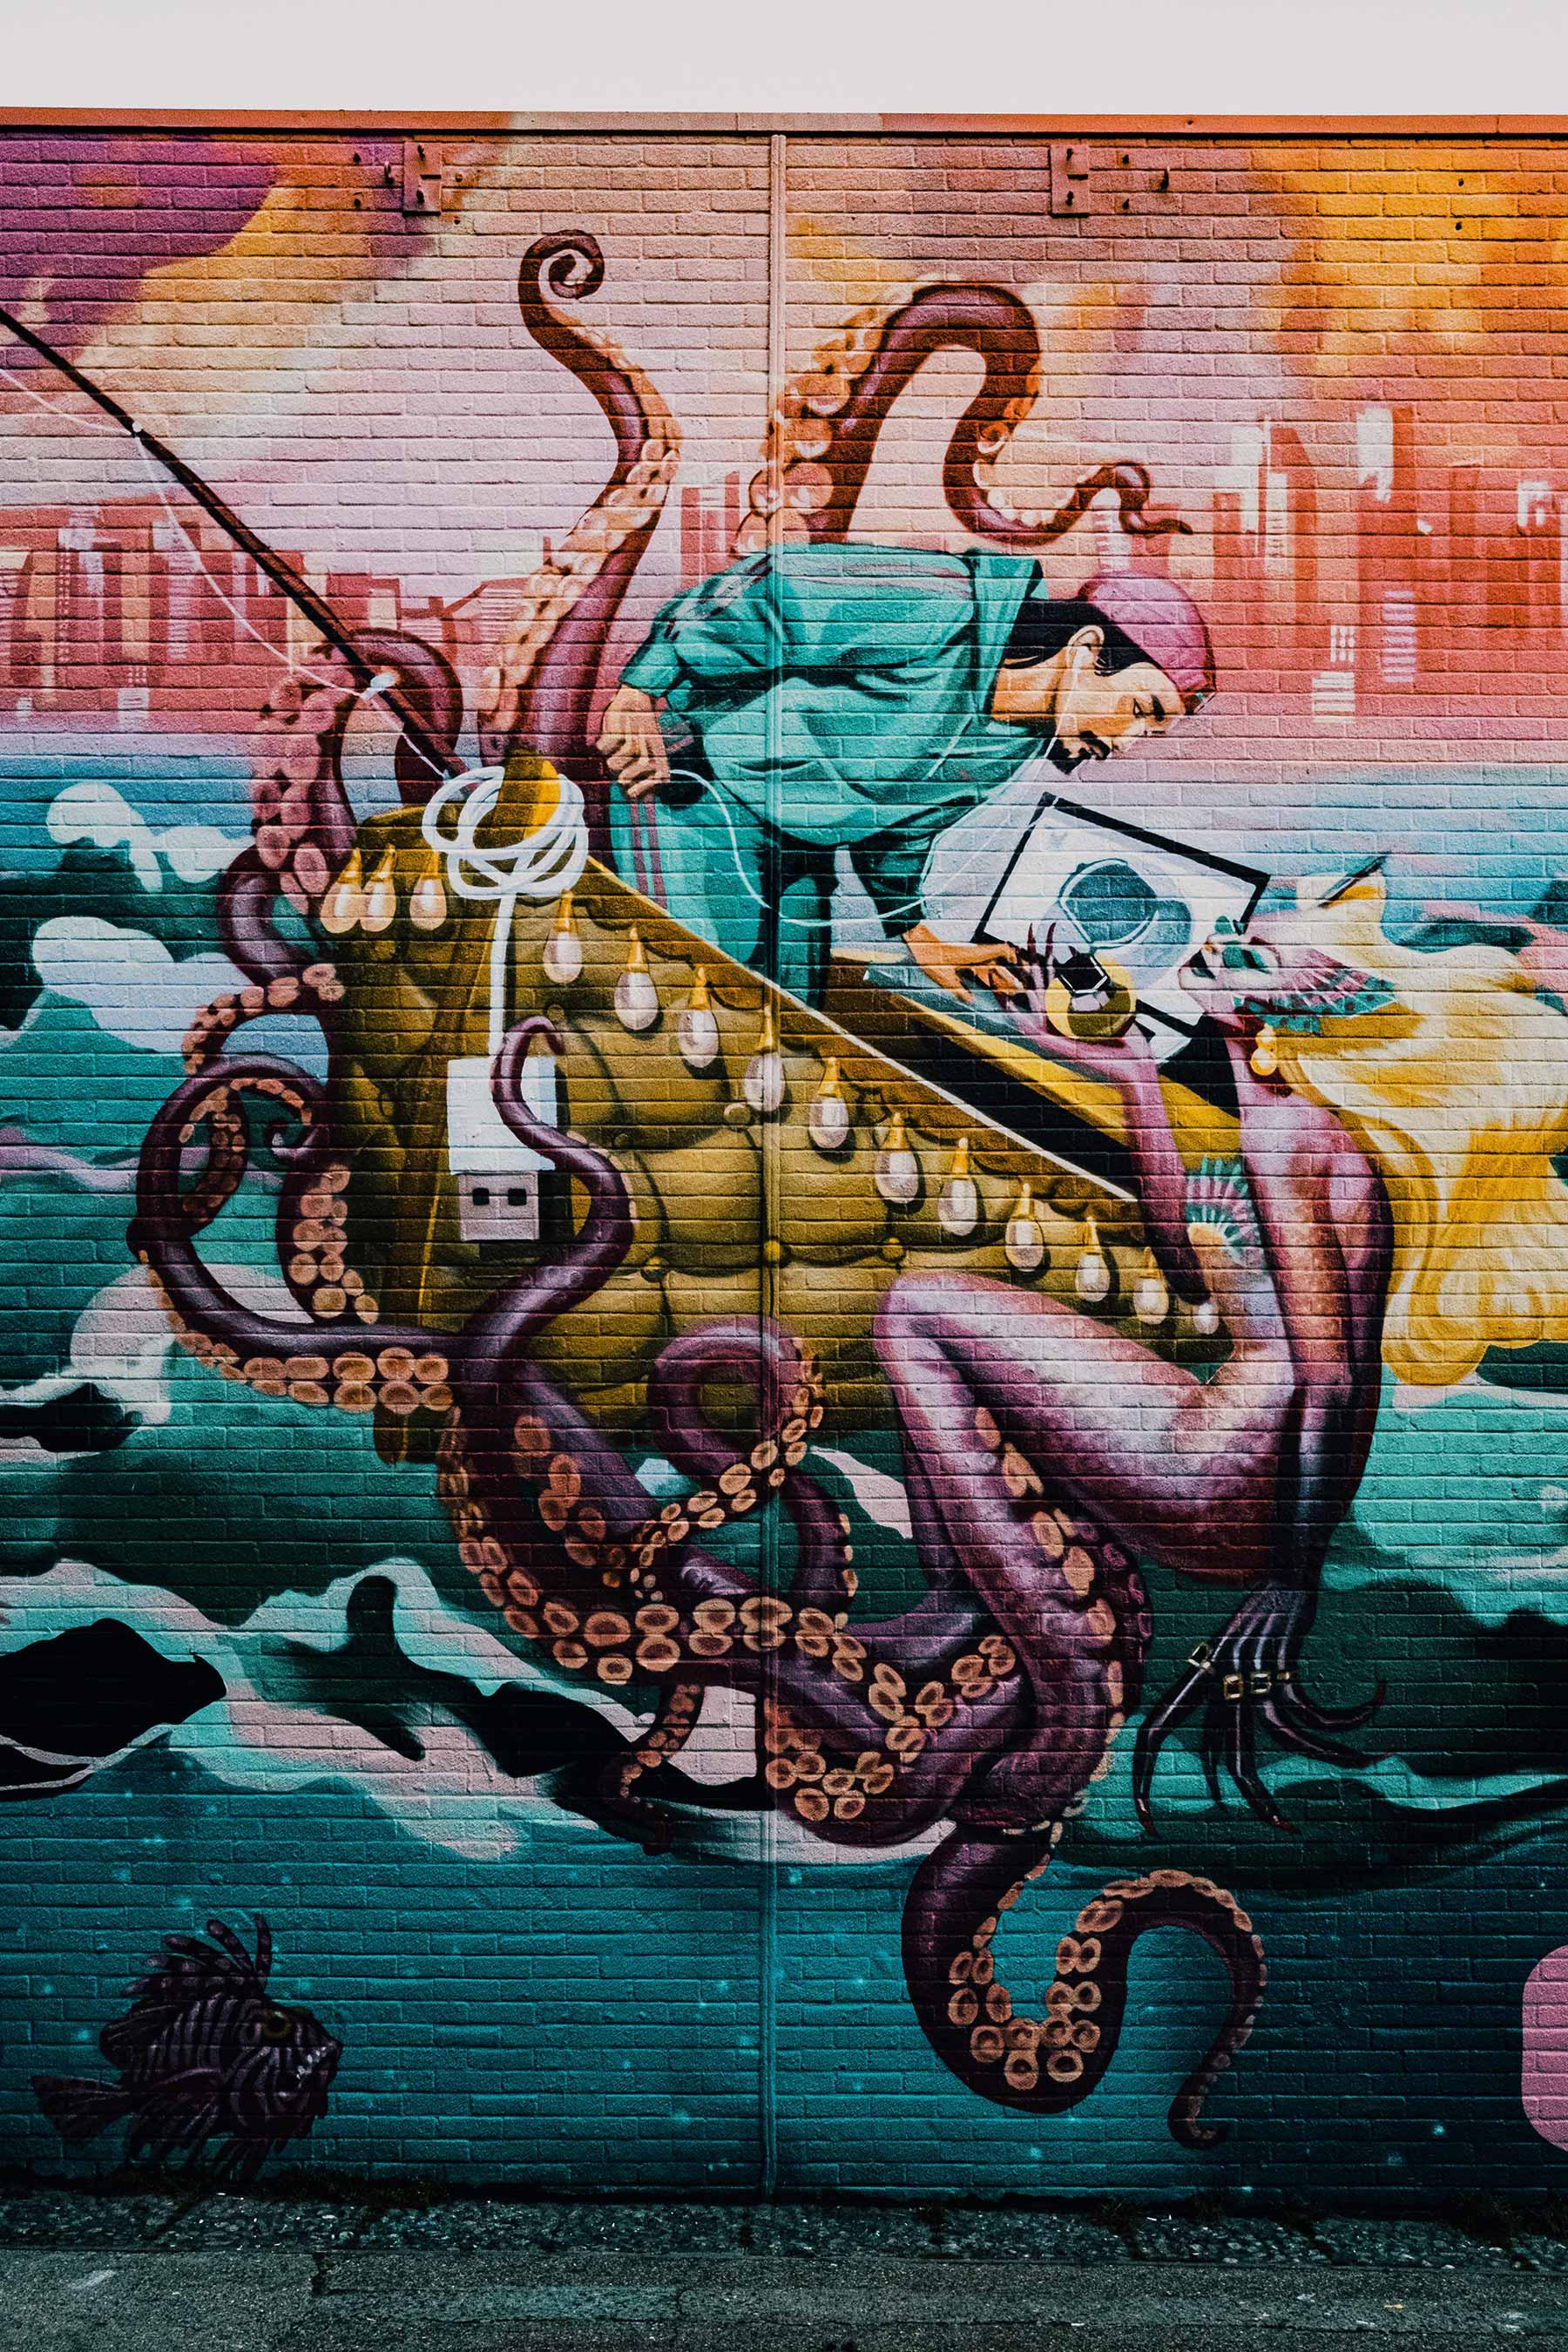 Bilderparade DCLXIII LangweileDich.net_Bilderparade_DCLXIII_93